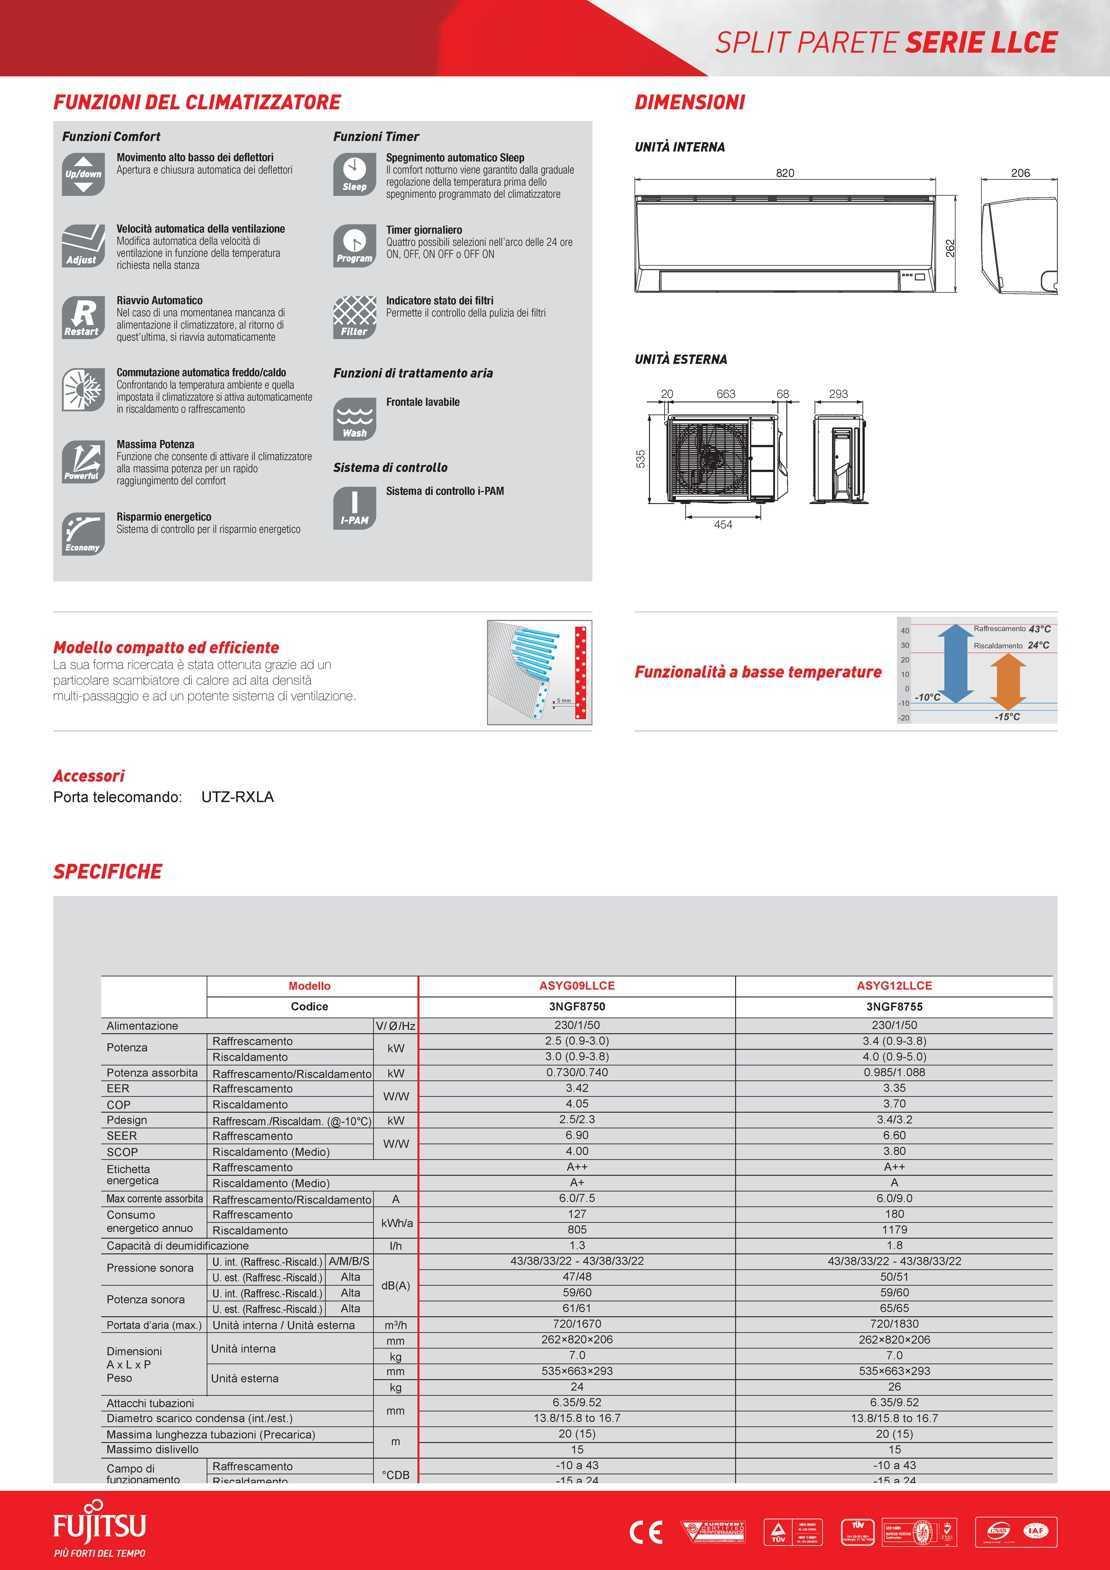 Fujitsu Climatizzatore LLCE